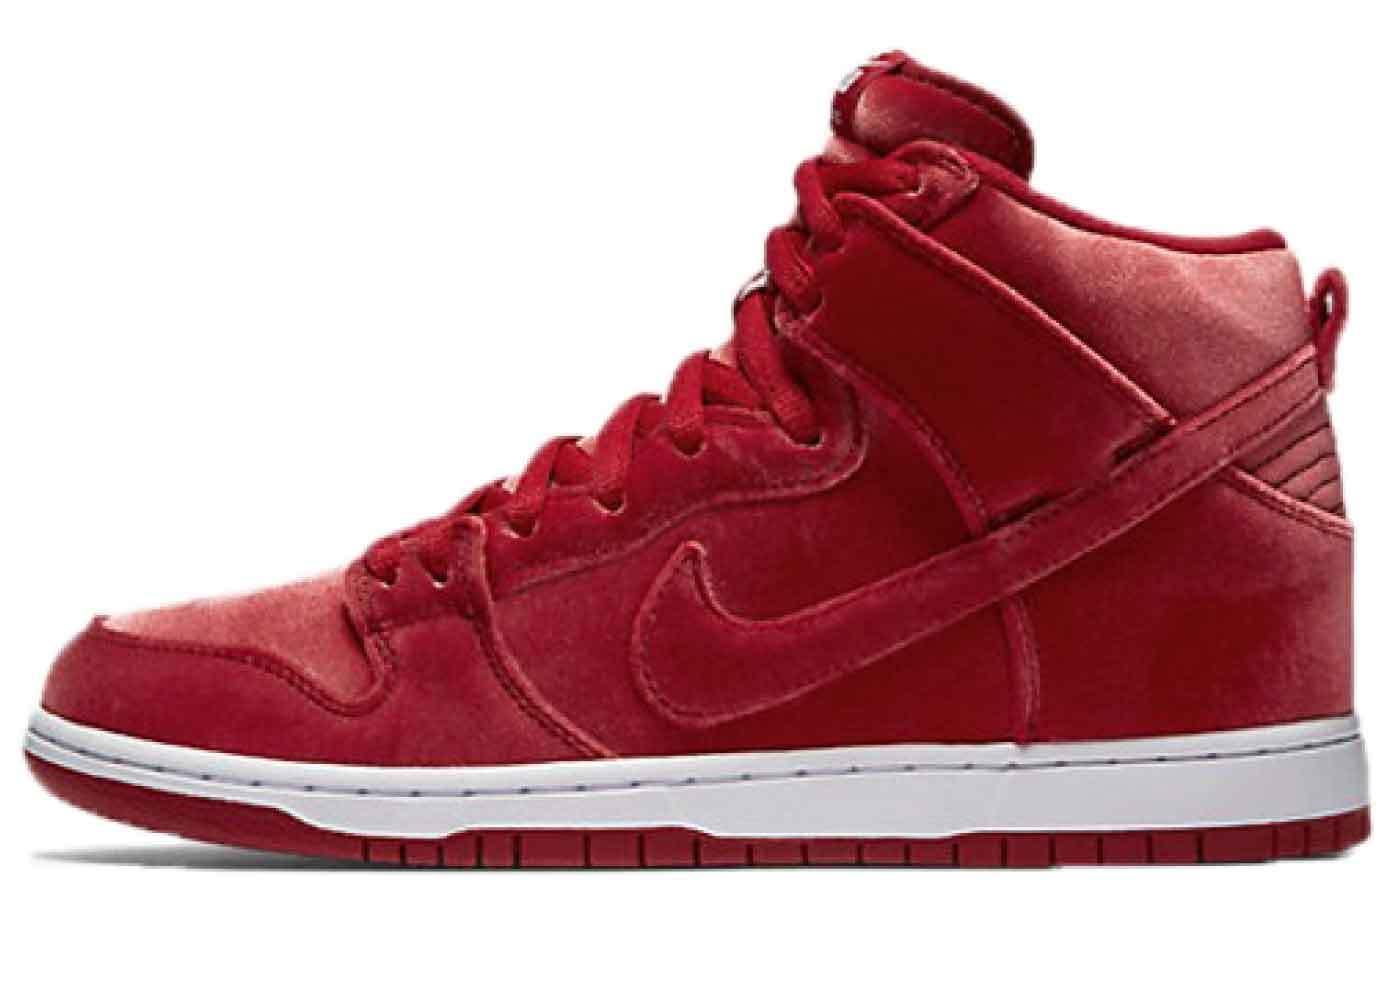 Nike SB Dunk High Red Velvetの写真